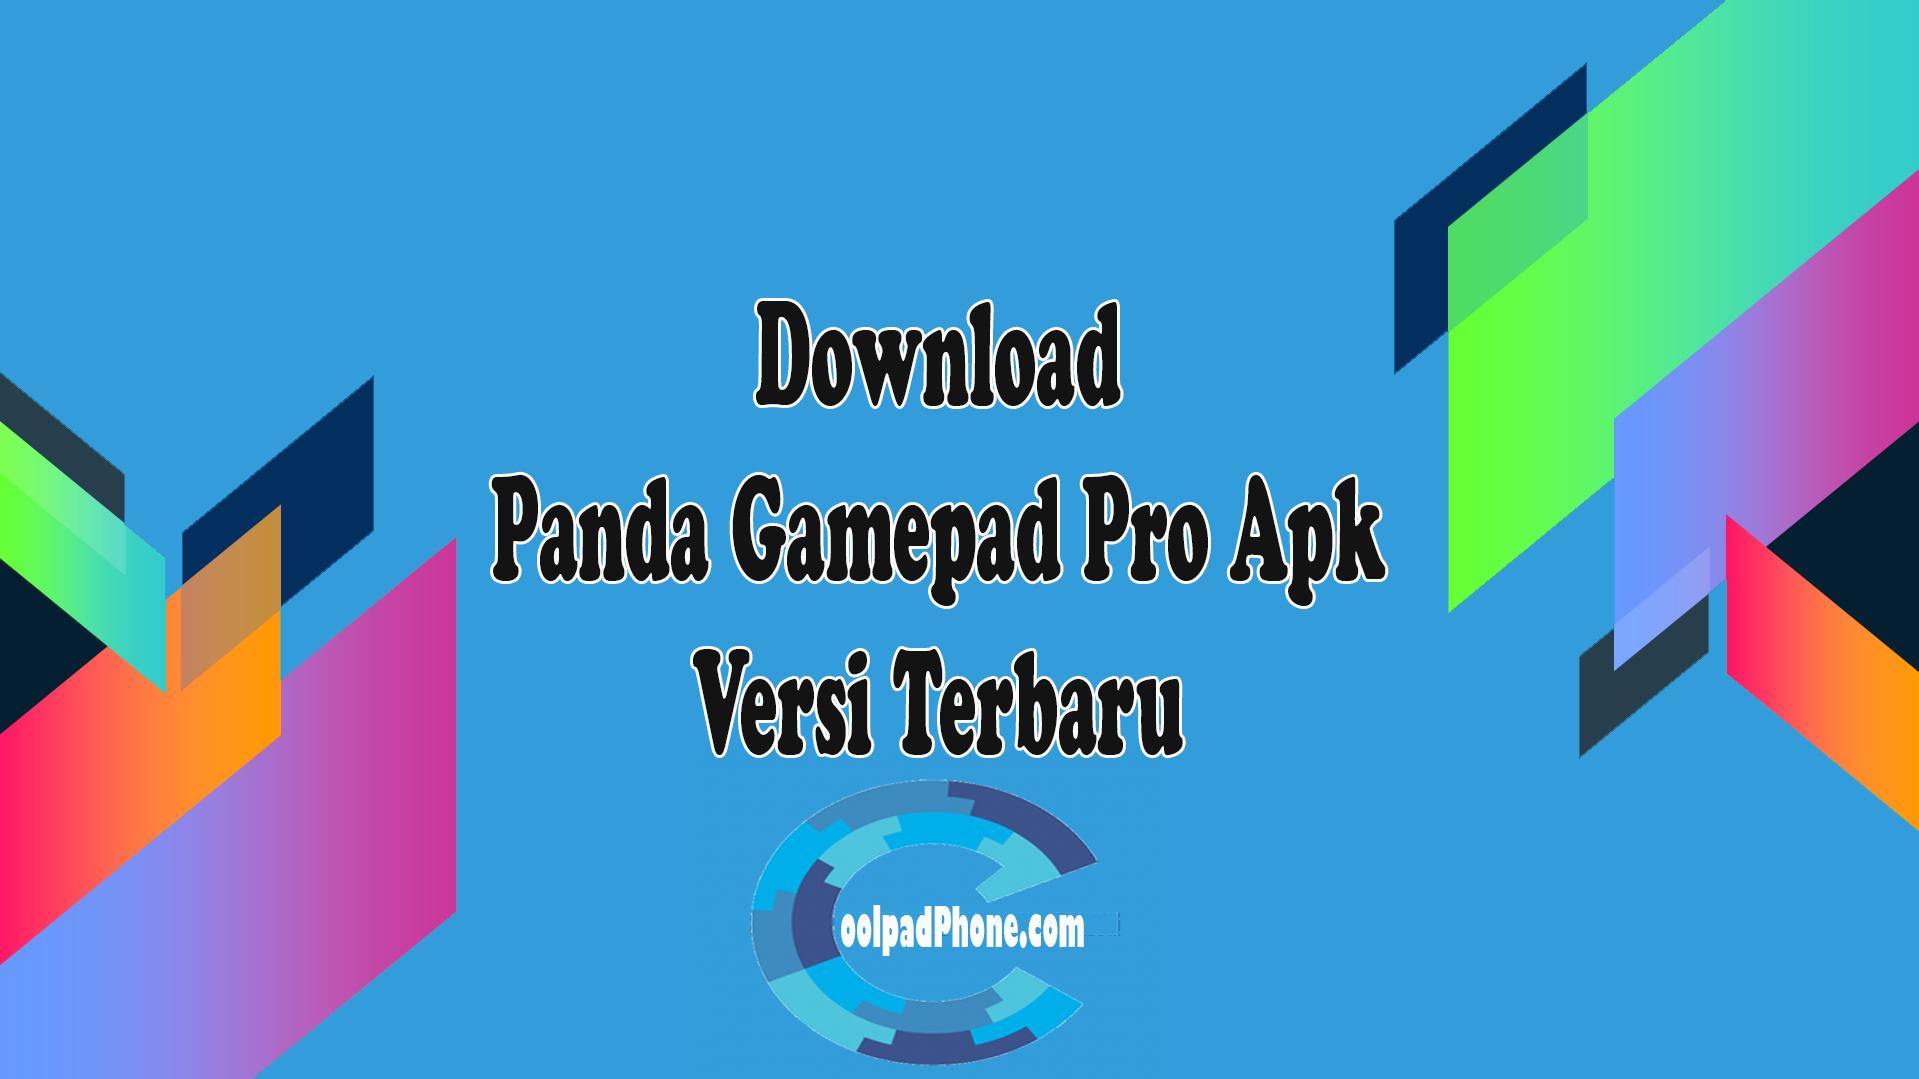 Download-Panda-Gamepad-Pro-Apk-Versi-Terbaru